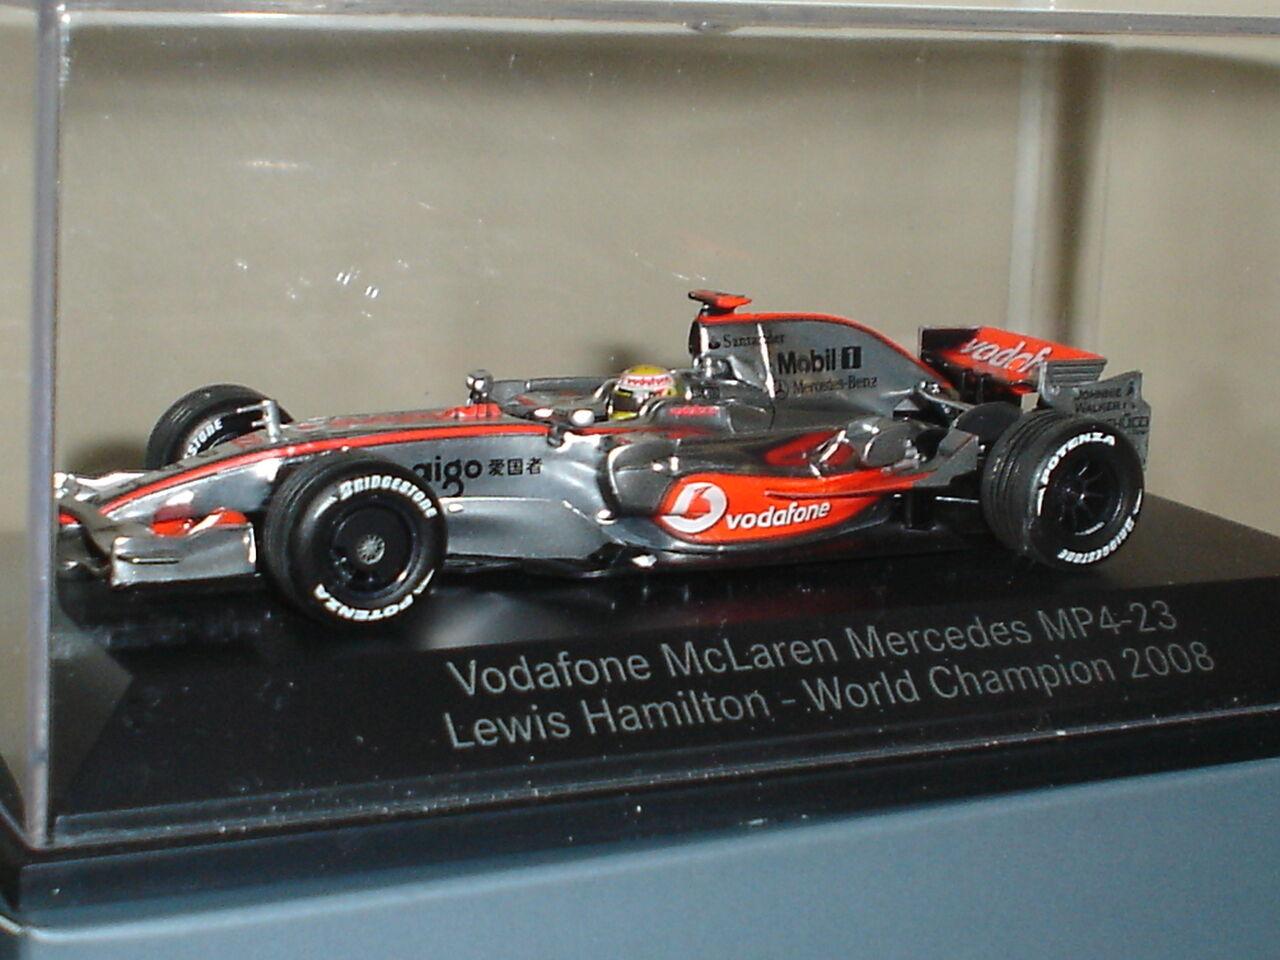 Official Mercedes Dealership McLaren Hamilton 2008 W Champ - Rare & Collectable